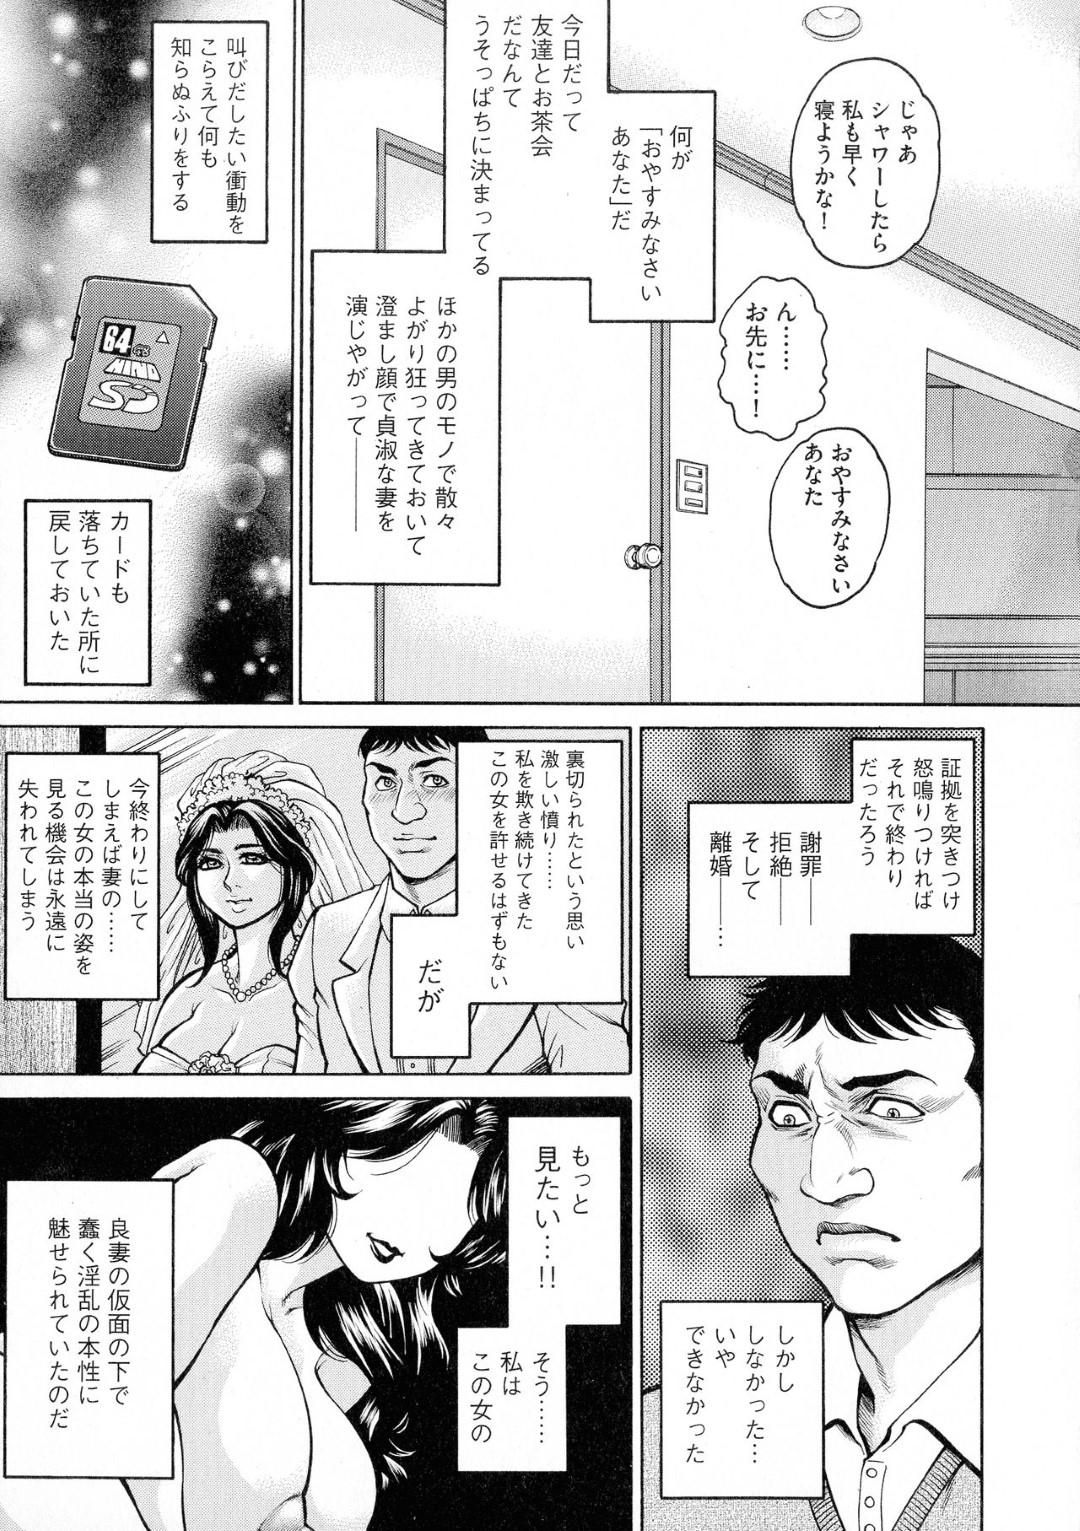 【エロ漫画】普段貞淑な人妻熟女は夫に隠れてバイブ責めのハメ撮り不倫セックスをしてイキまくっていた